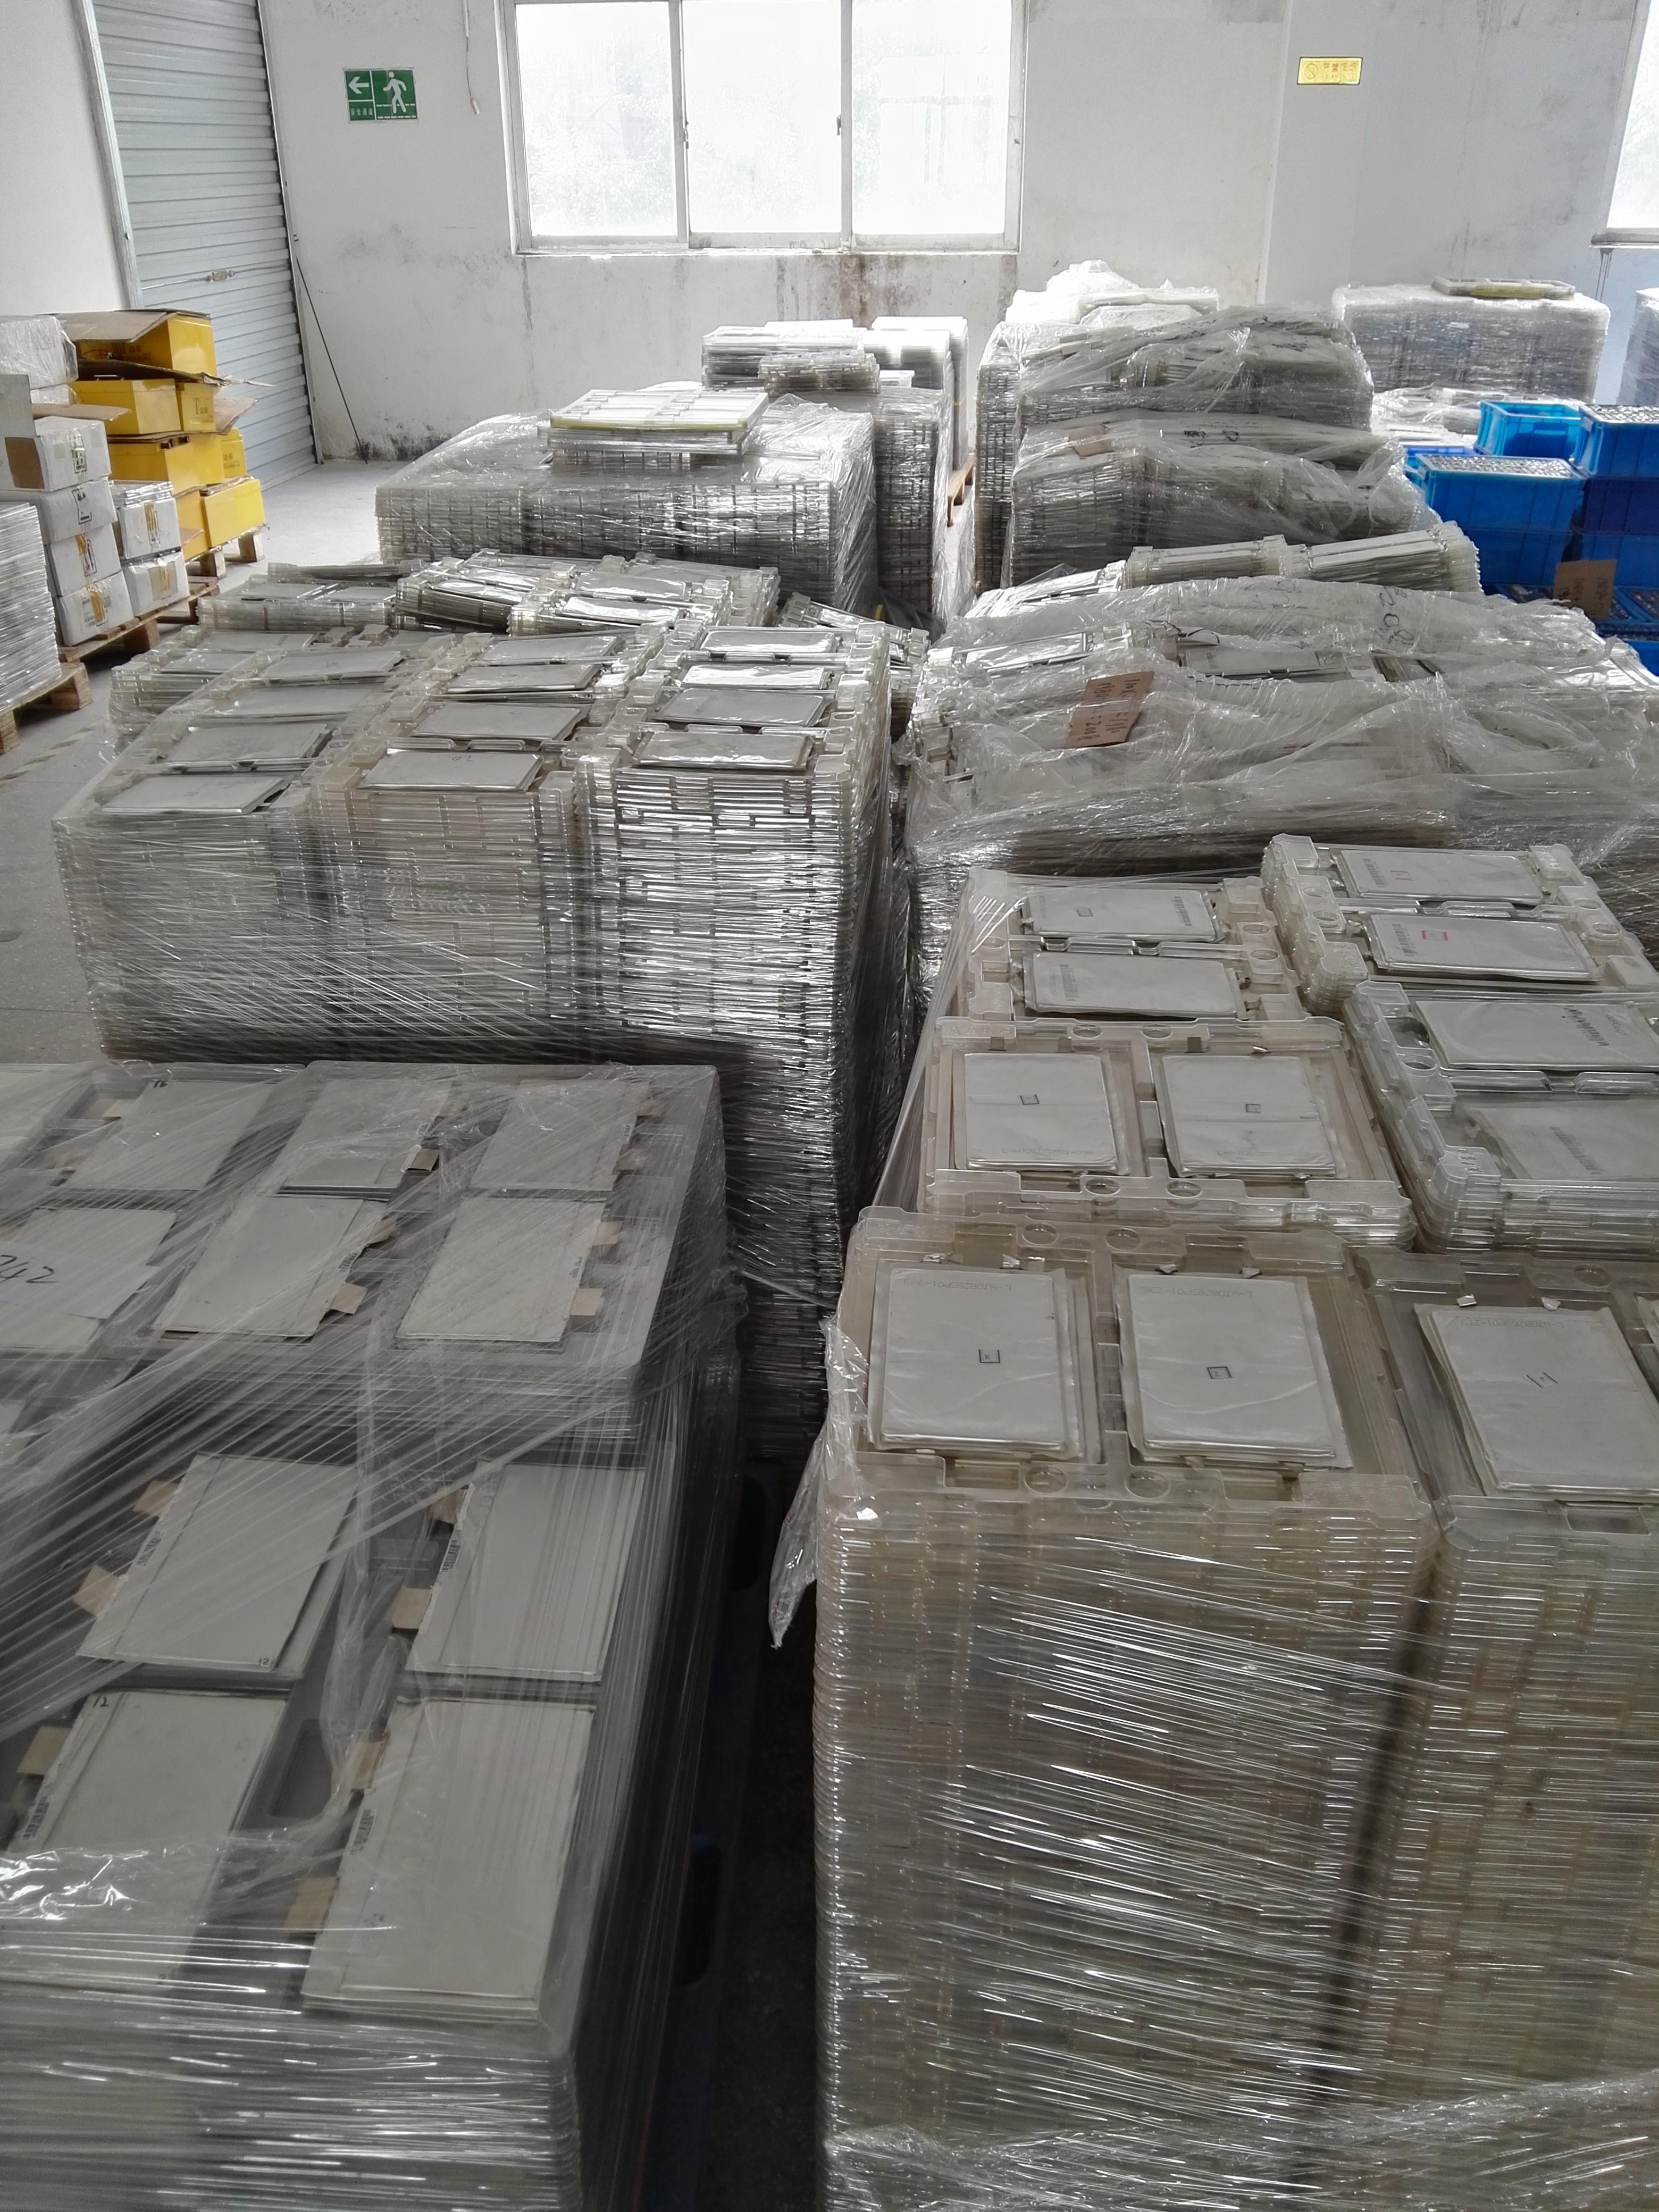 广东二手锂电池回收  深圳二手锂电池回收 广东二手锂电池回收 广东废旧锂电池回收 48V30锂电池